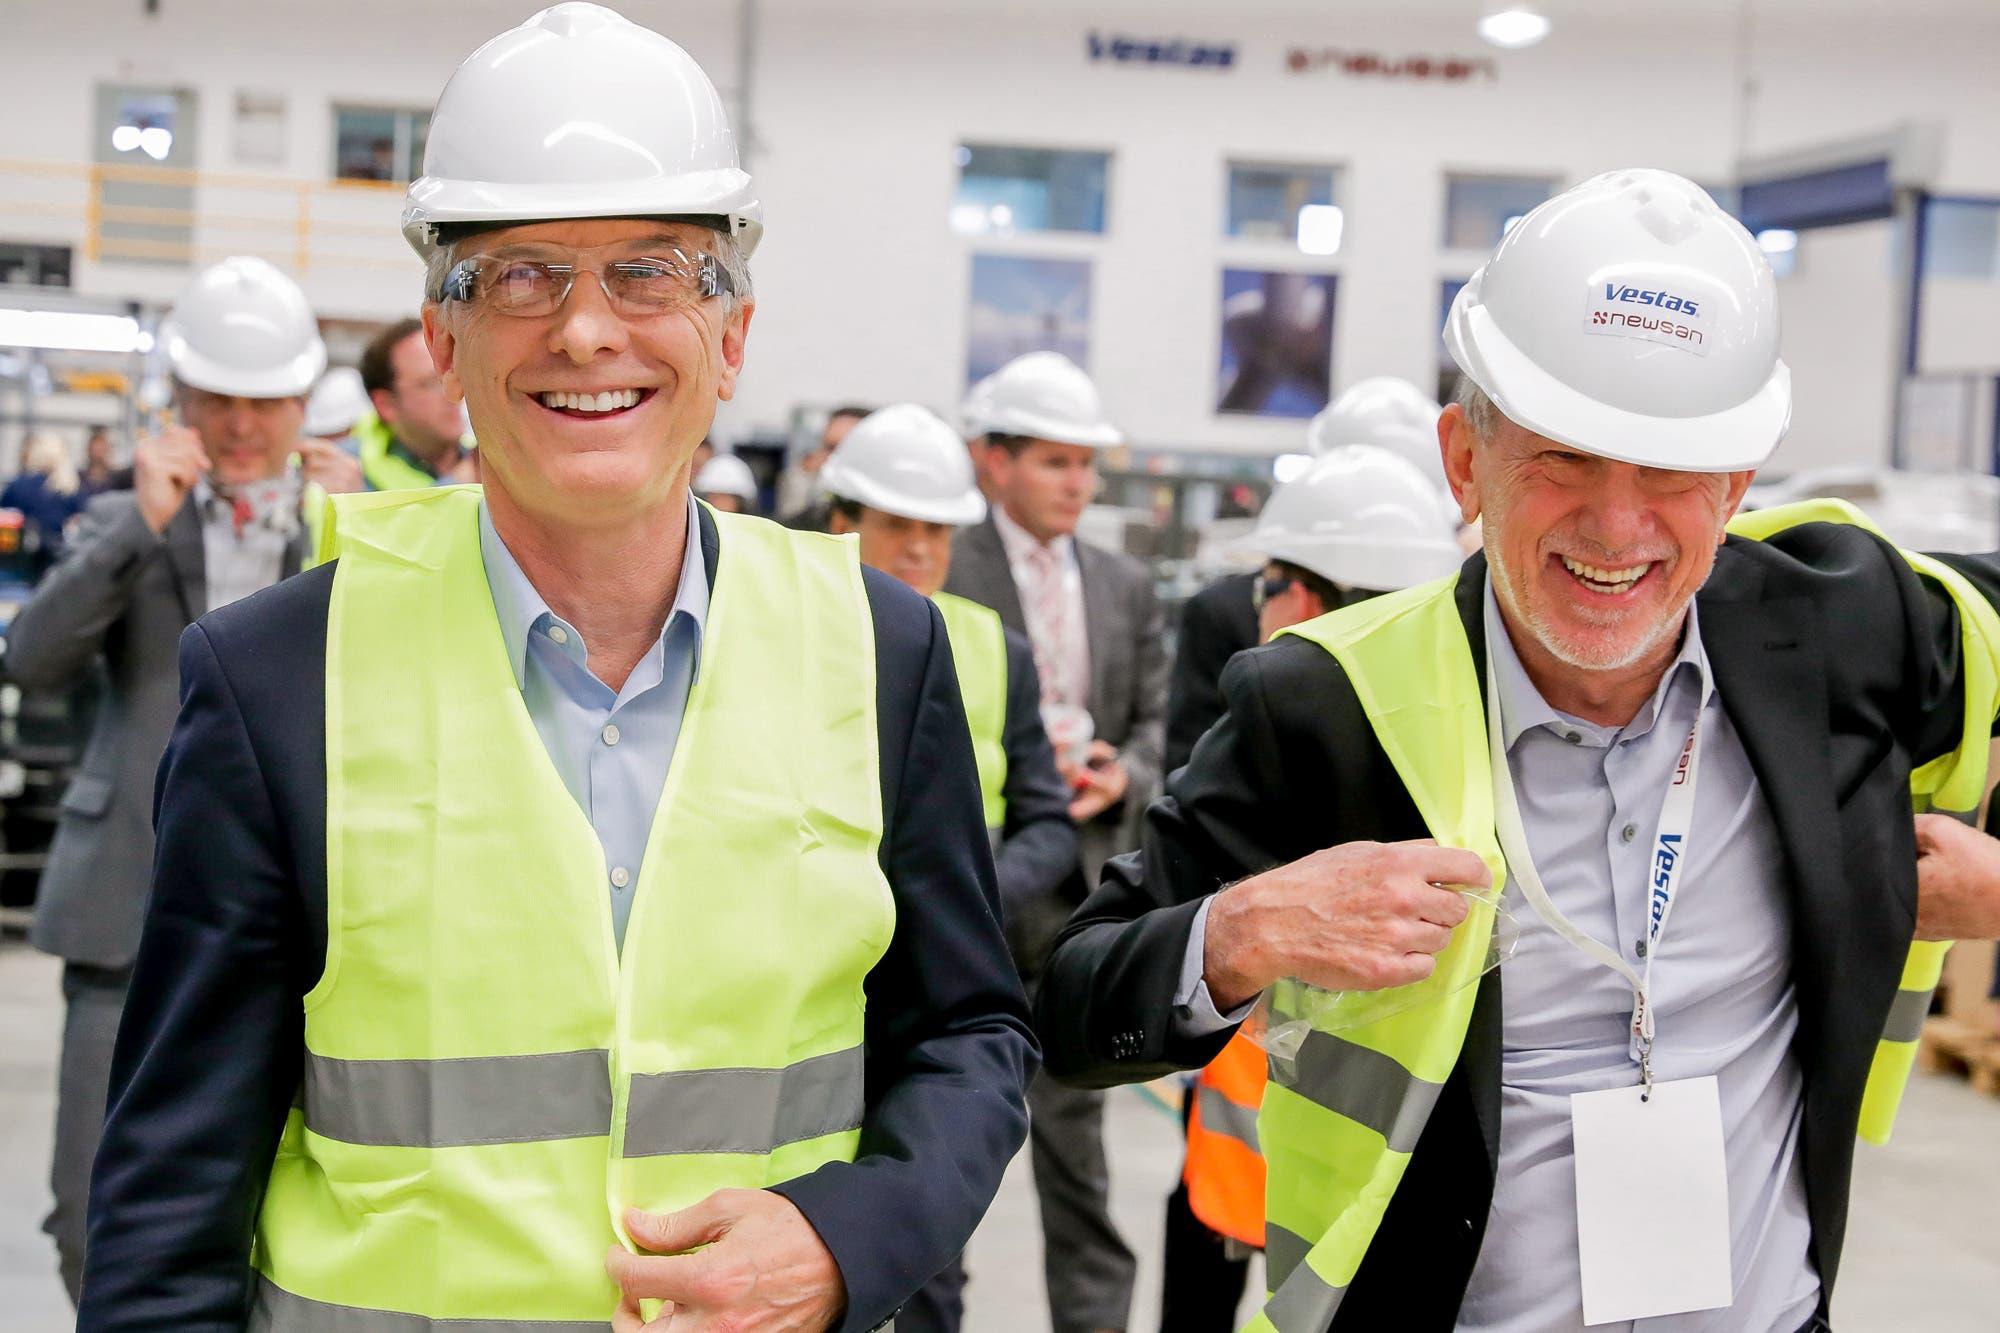 Energías renovables: inauguran una fábrica de molinos eólicos tras una inversión de US$ 22 millones